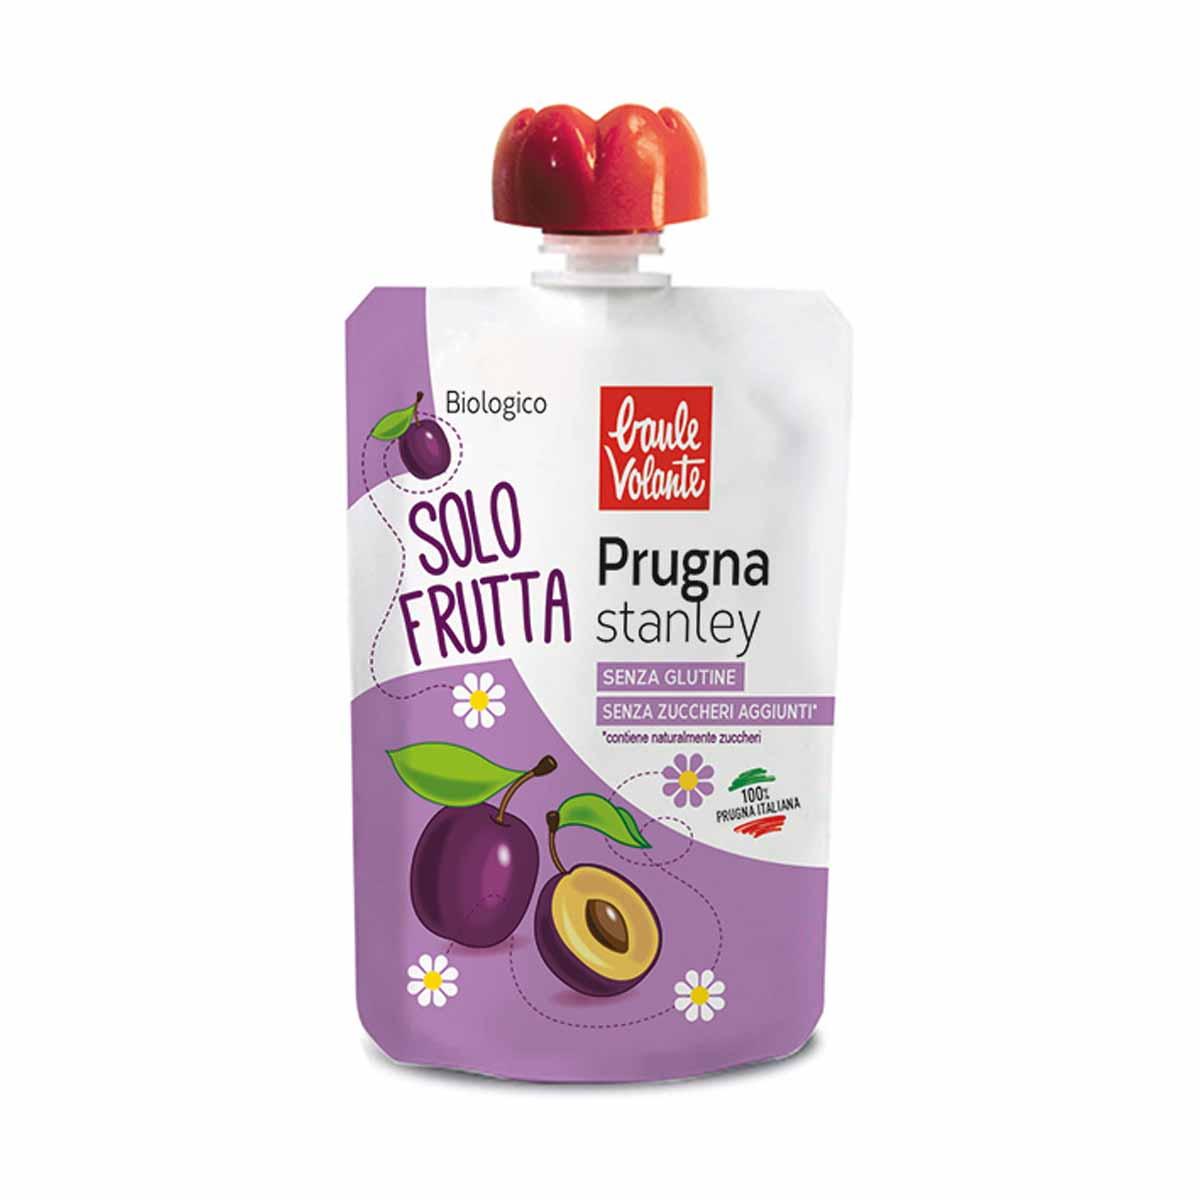 Baule Volante Solo frutta Prugna Stanley